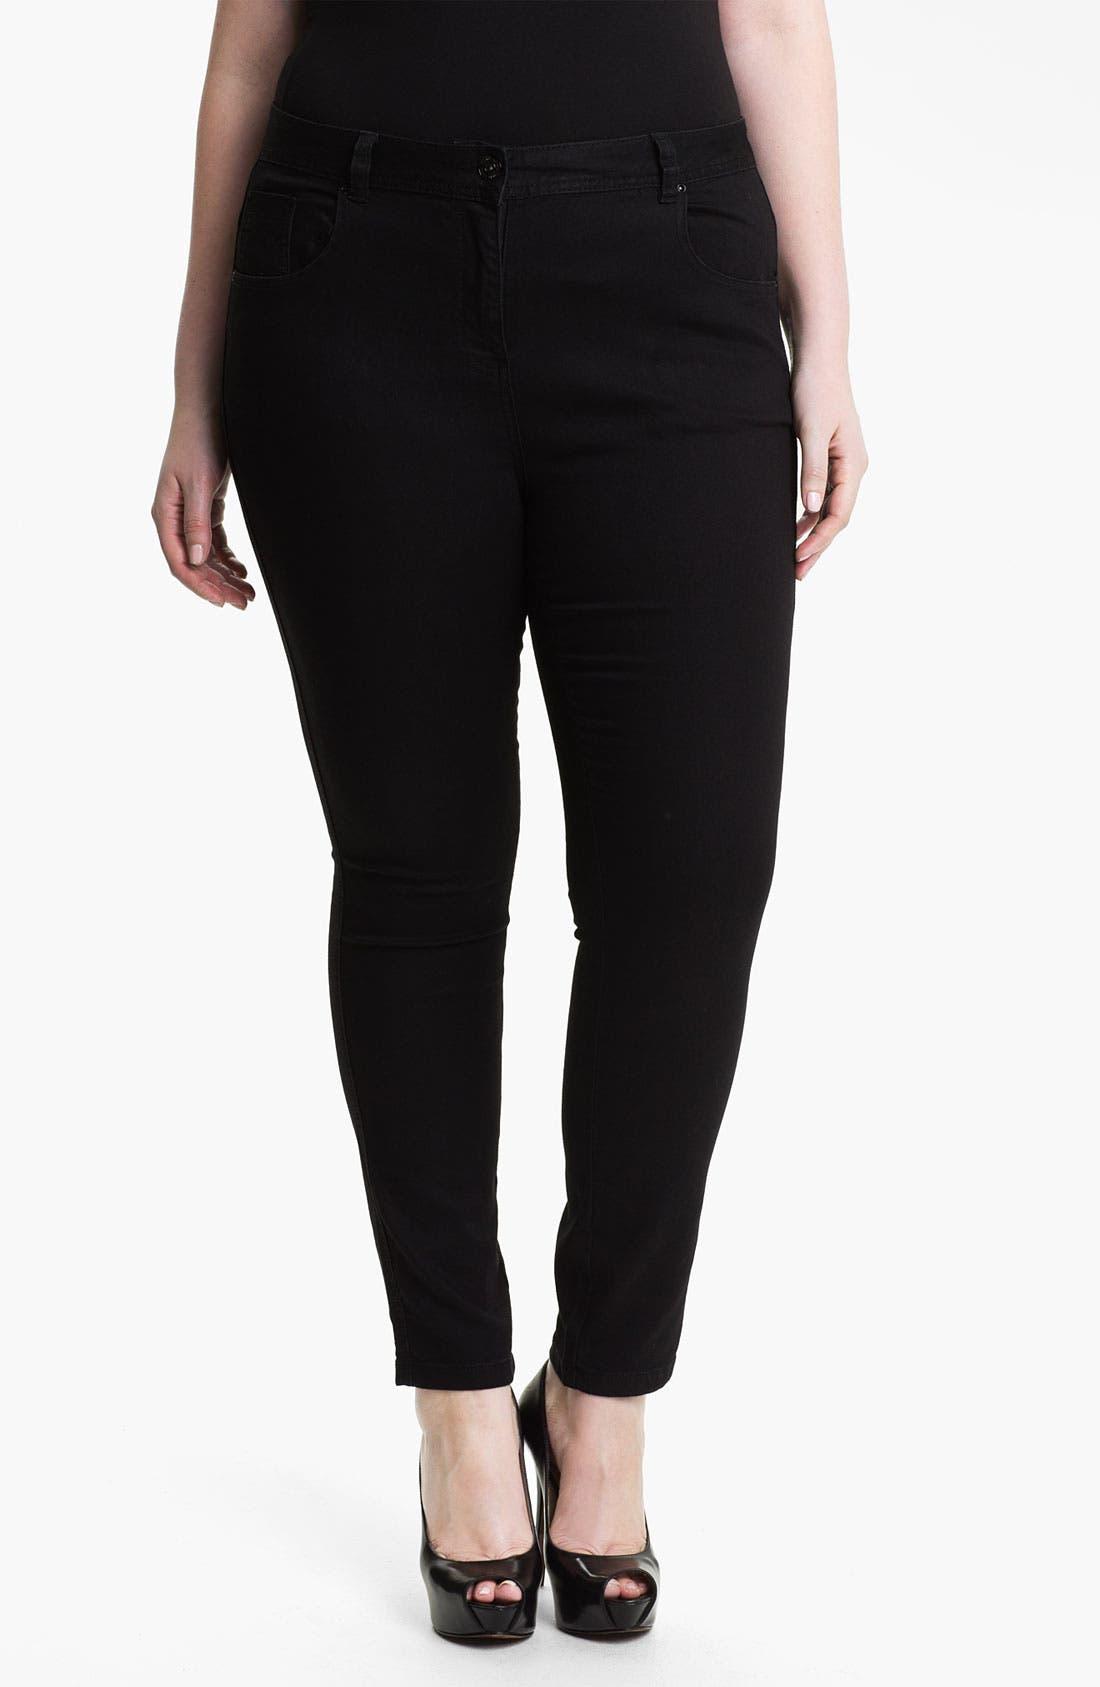 Main Image - Evans 'Super Stretch' Jeans (Plus Size)